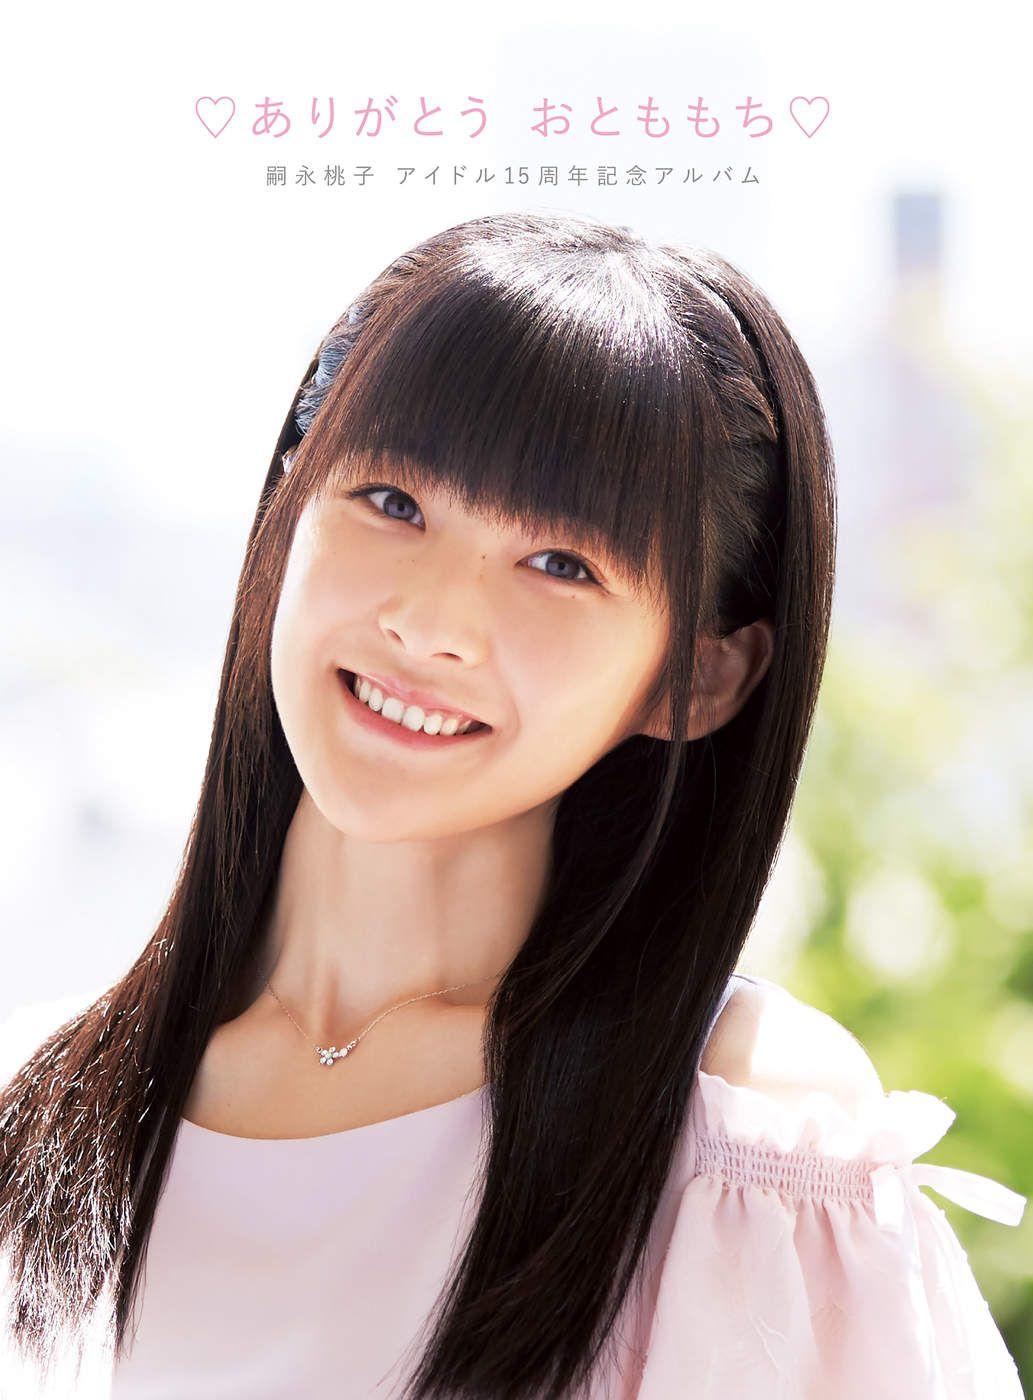 Tsugunaga Momoko Idol 15 Shuunen Kinen Album ♡Arigatou Otomomochi♡